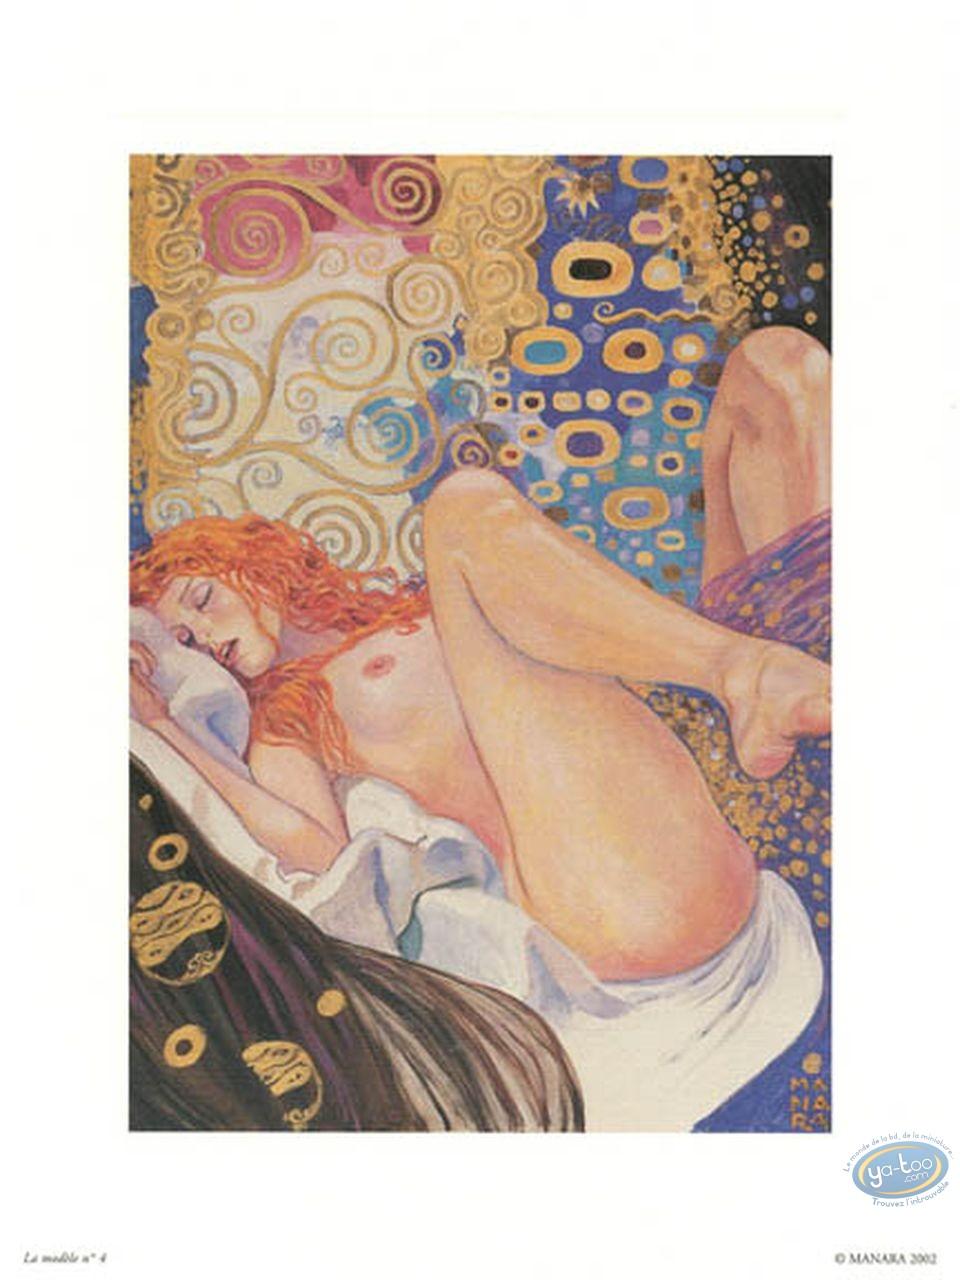 Offset Print, Manara : The Model N°4, Manara